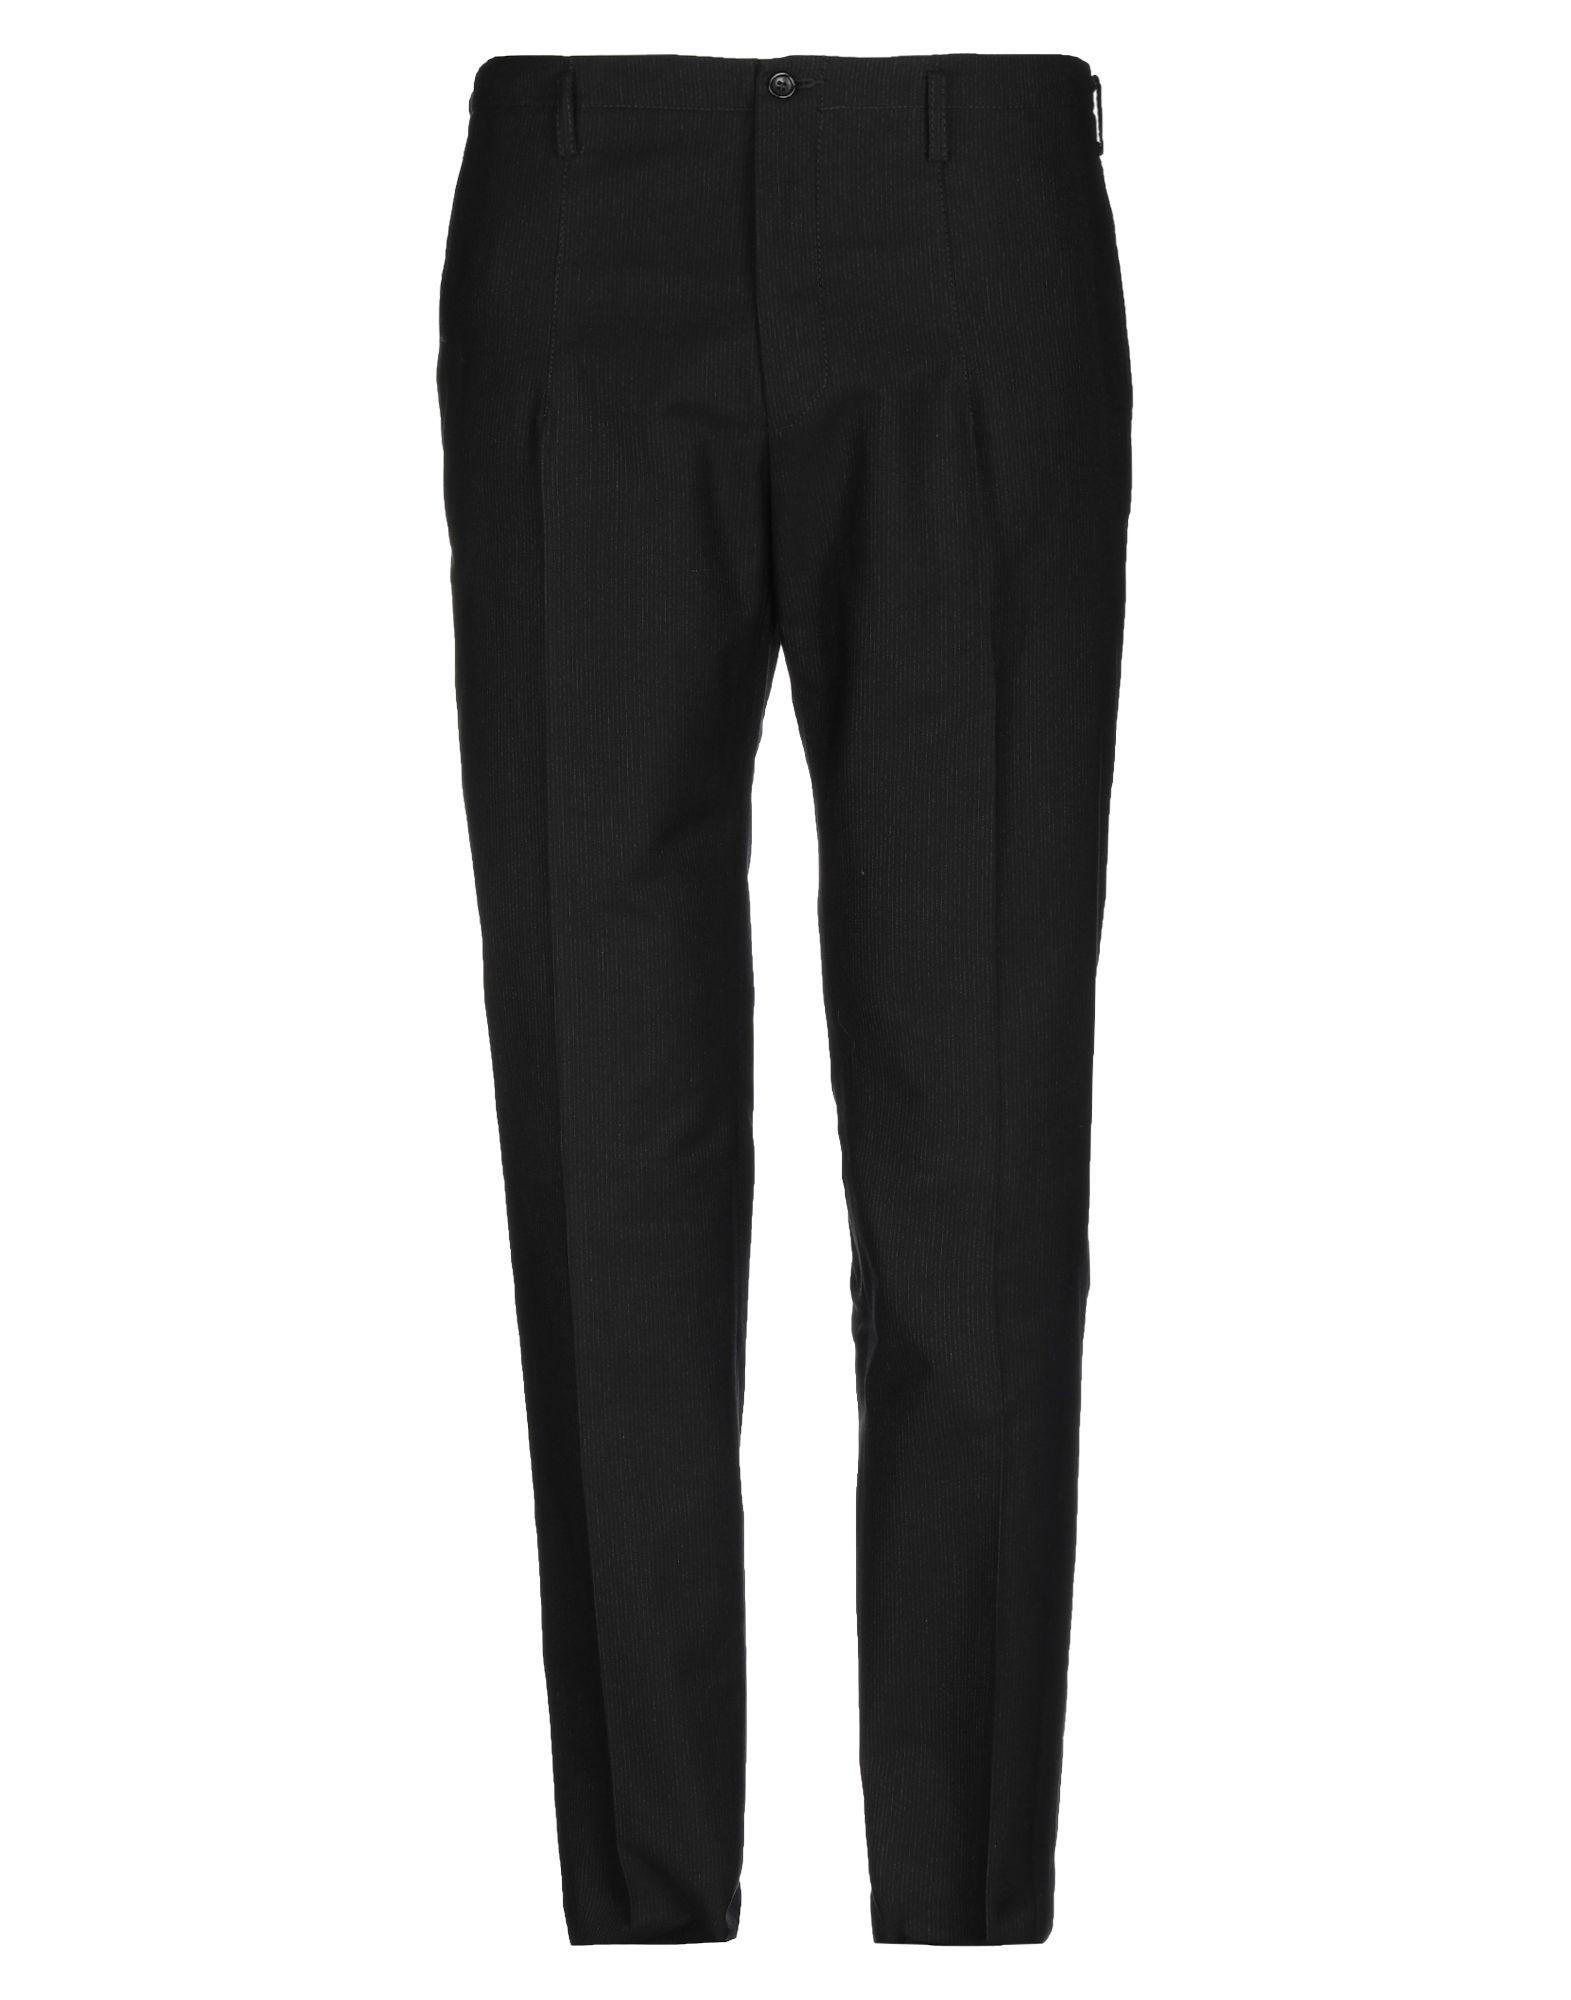 《セール開催中》BERRY & BRIAN メンズ パンツ ブラック 54 コットン 98% / ポリエステル 2%